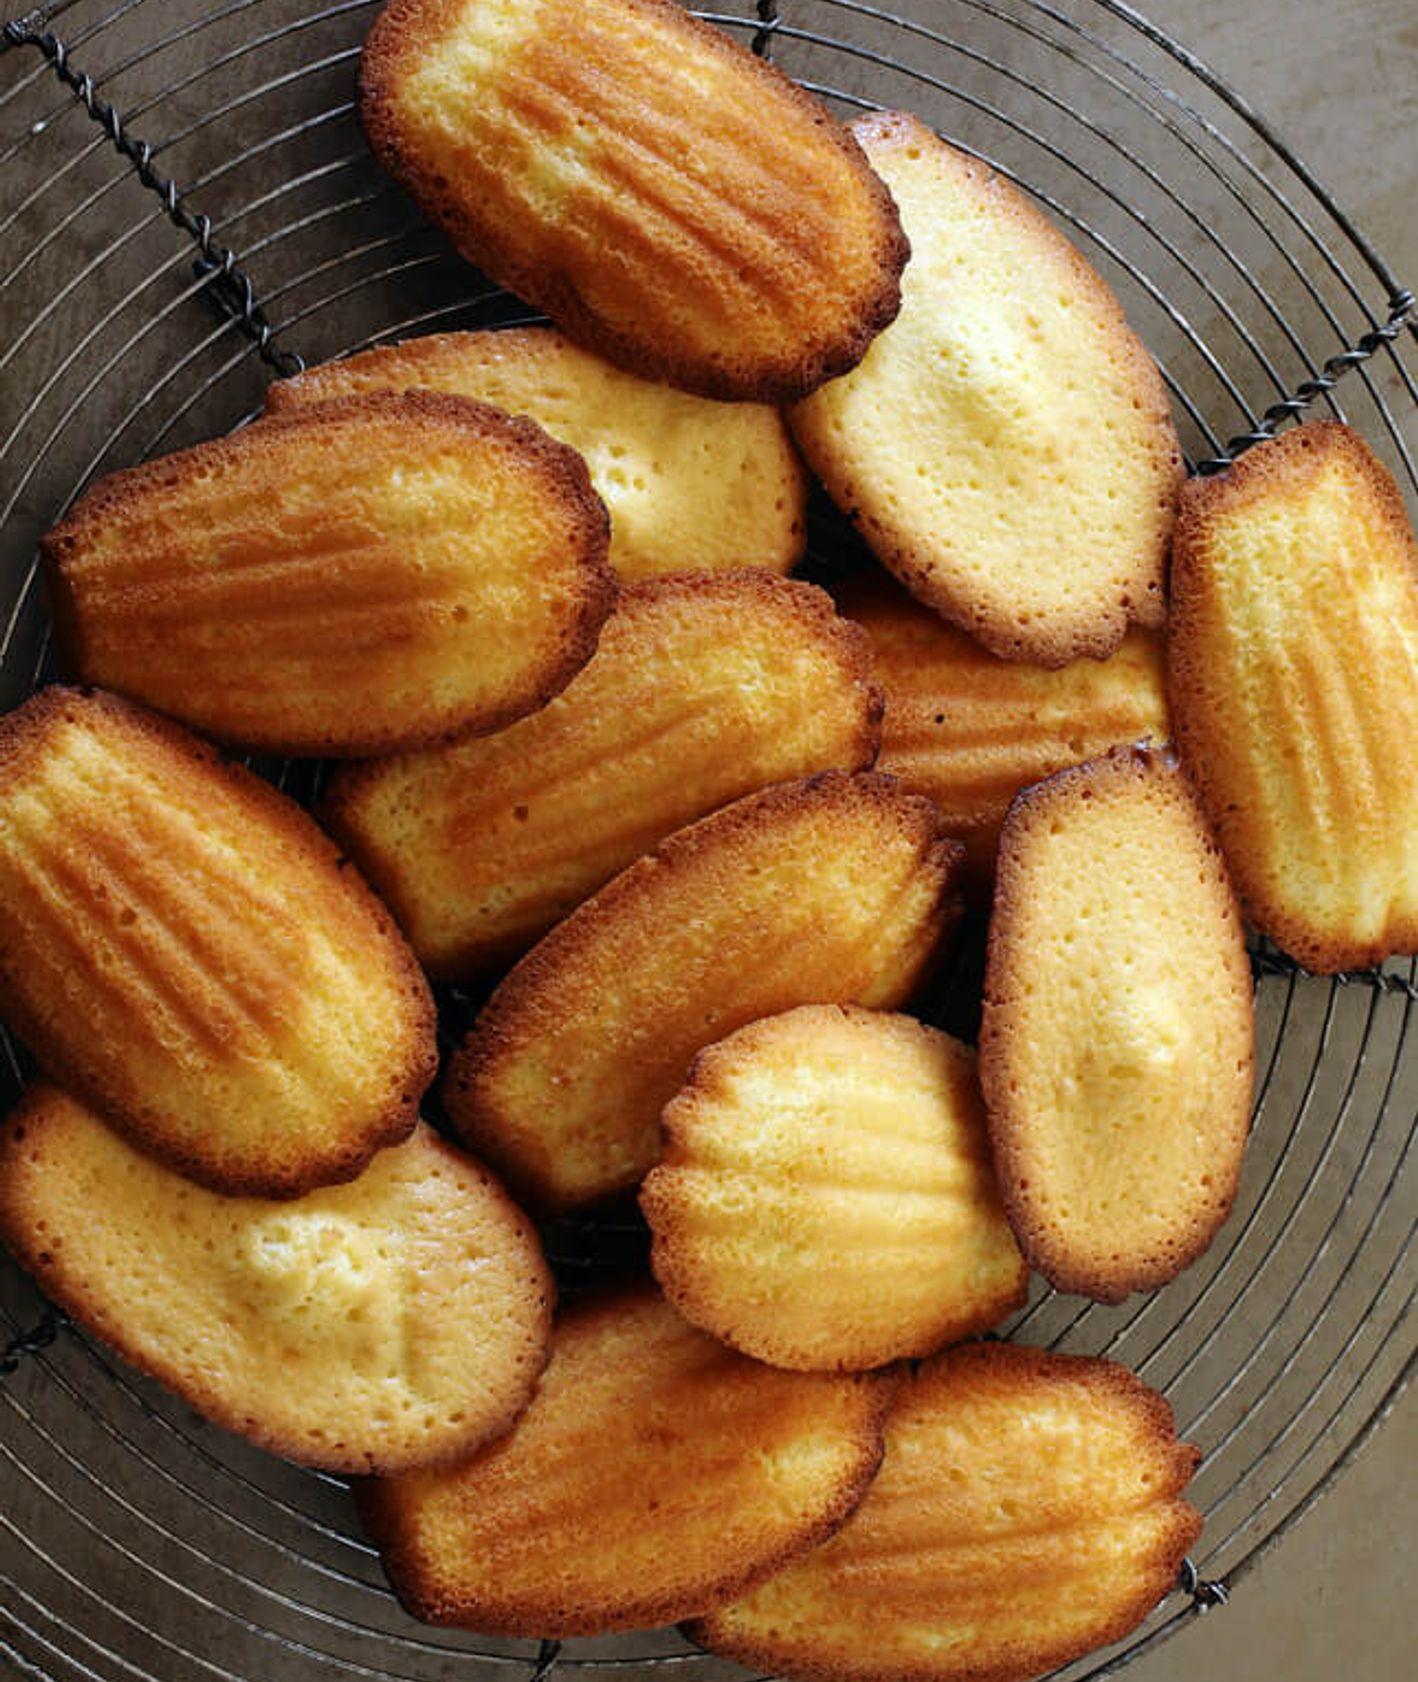 francuskie ciasteczka, ciasteczka magdalenki, tradycyjne desery francuskie, magdalenki, maślane ciasteczka, szybkie ciasteczka, ciasteczka